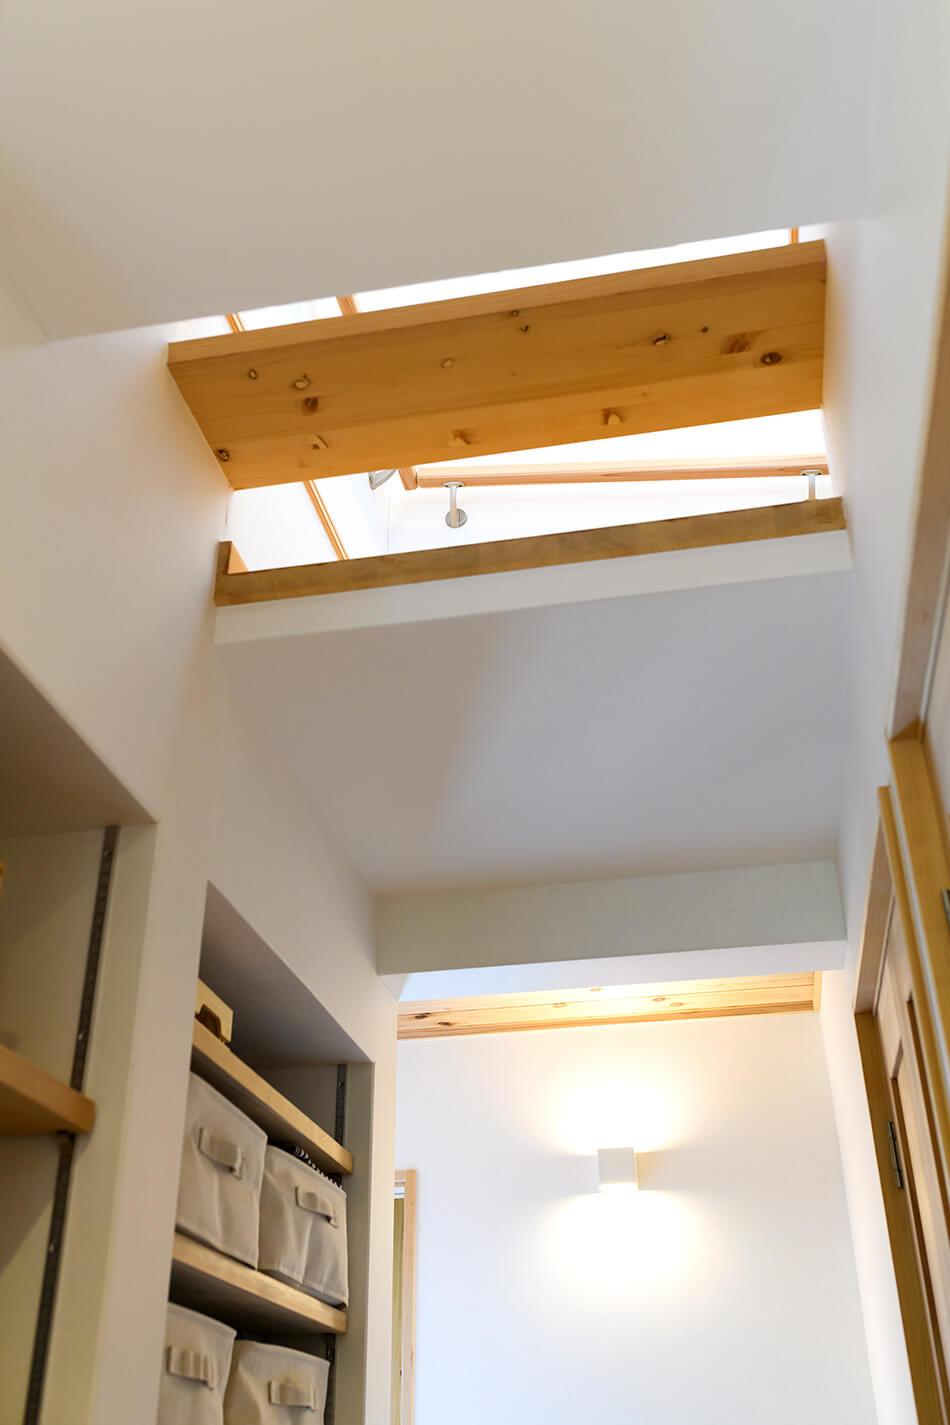 木の家|福岡の新築建築事例|2階建|4LDK|吹抜け|エコワークス|CASE-22|内観09